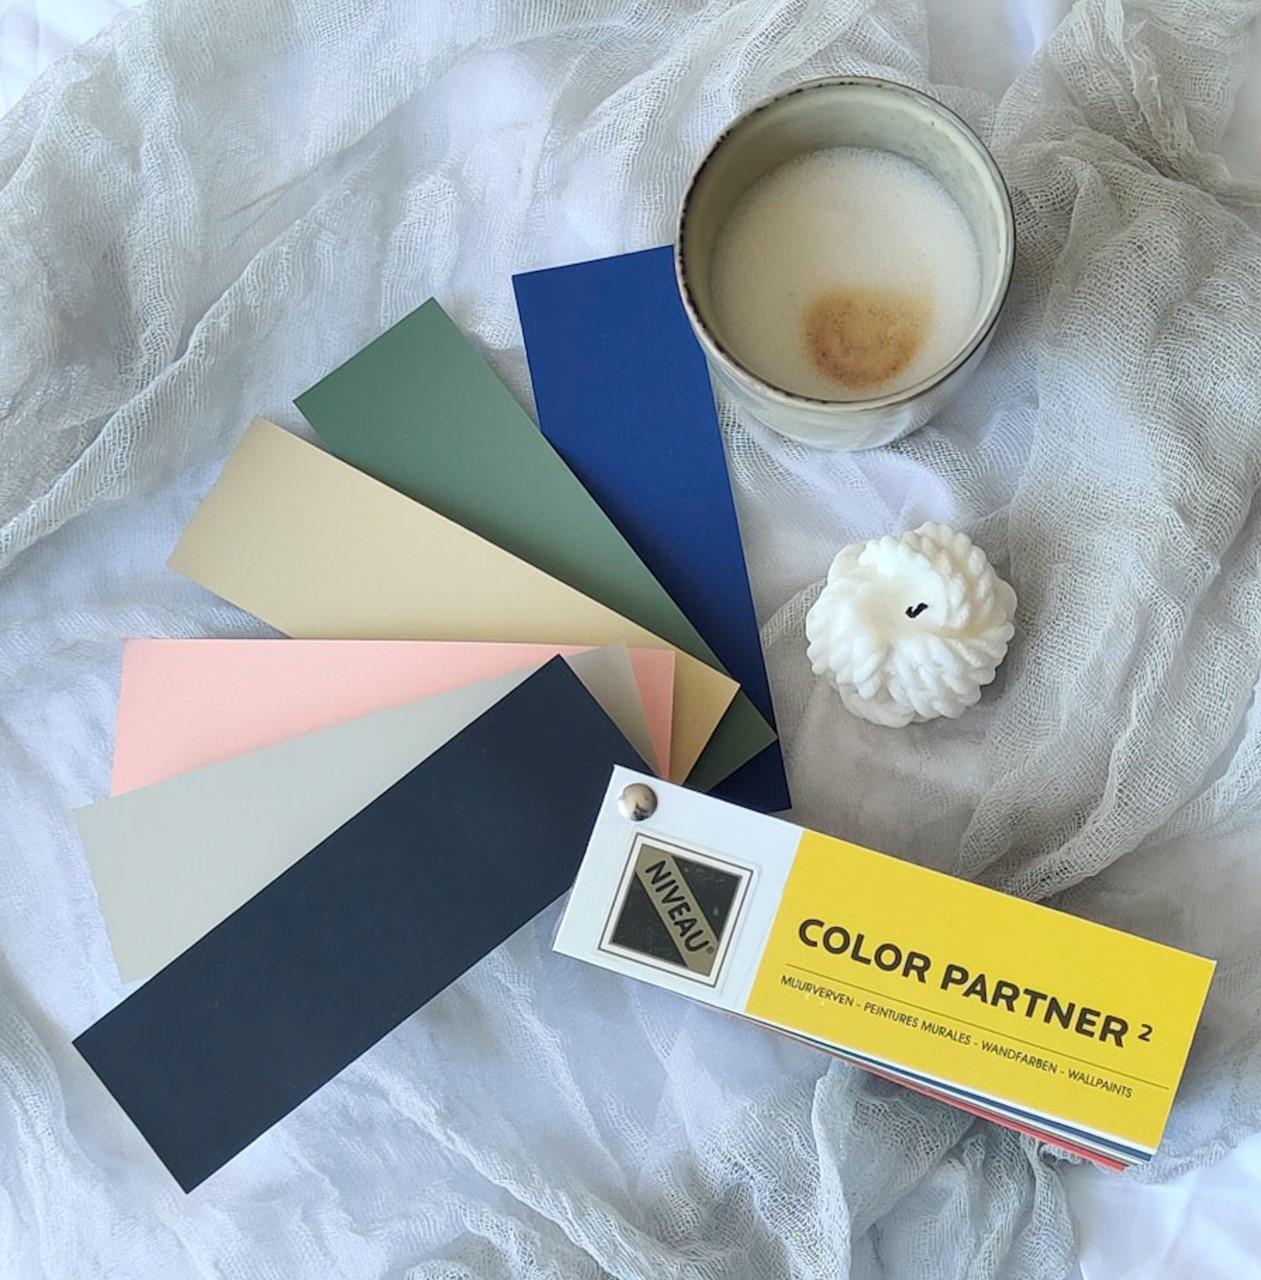 Verf van Niveau herfst kleurentrends 2021 zonder filter